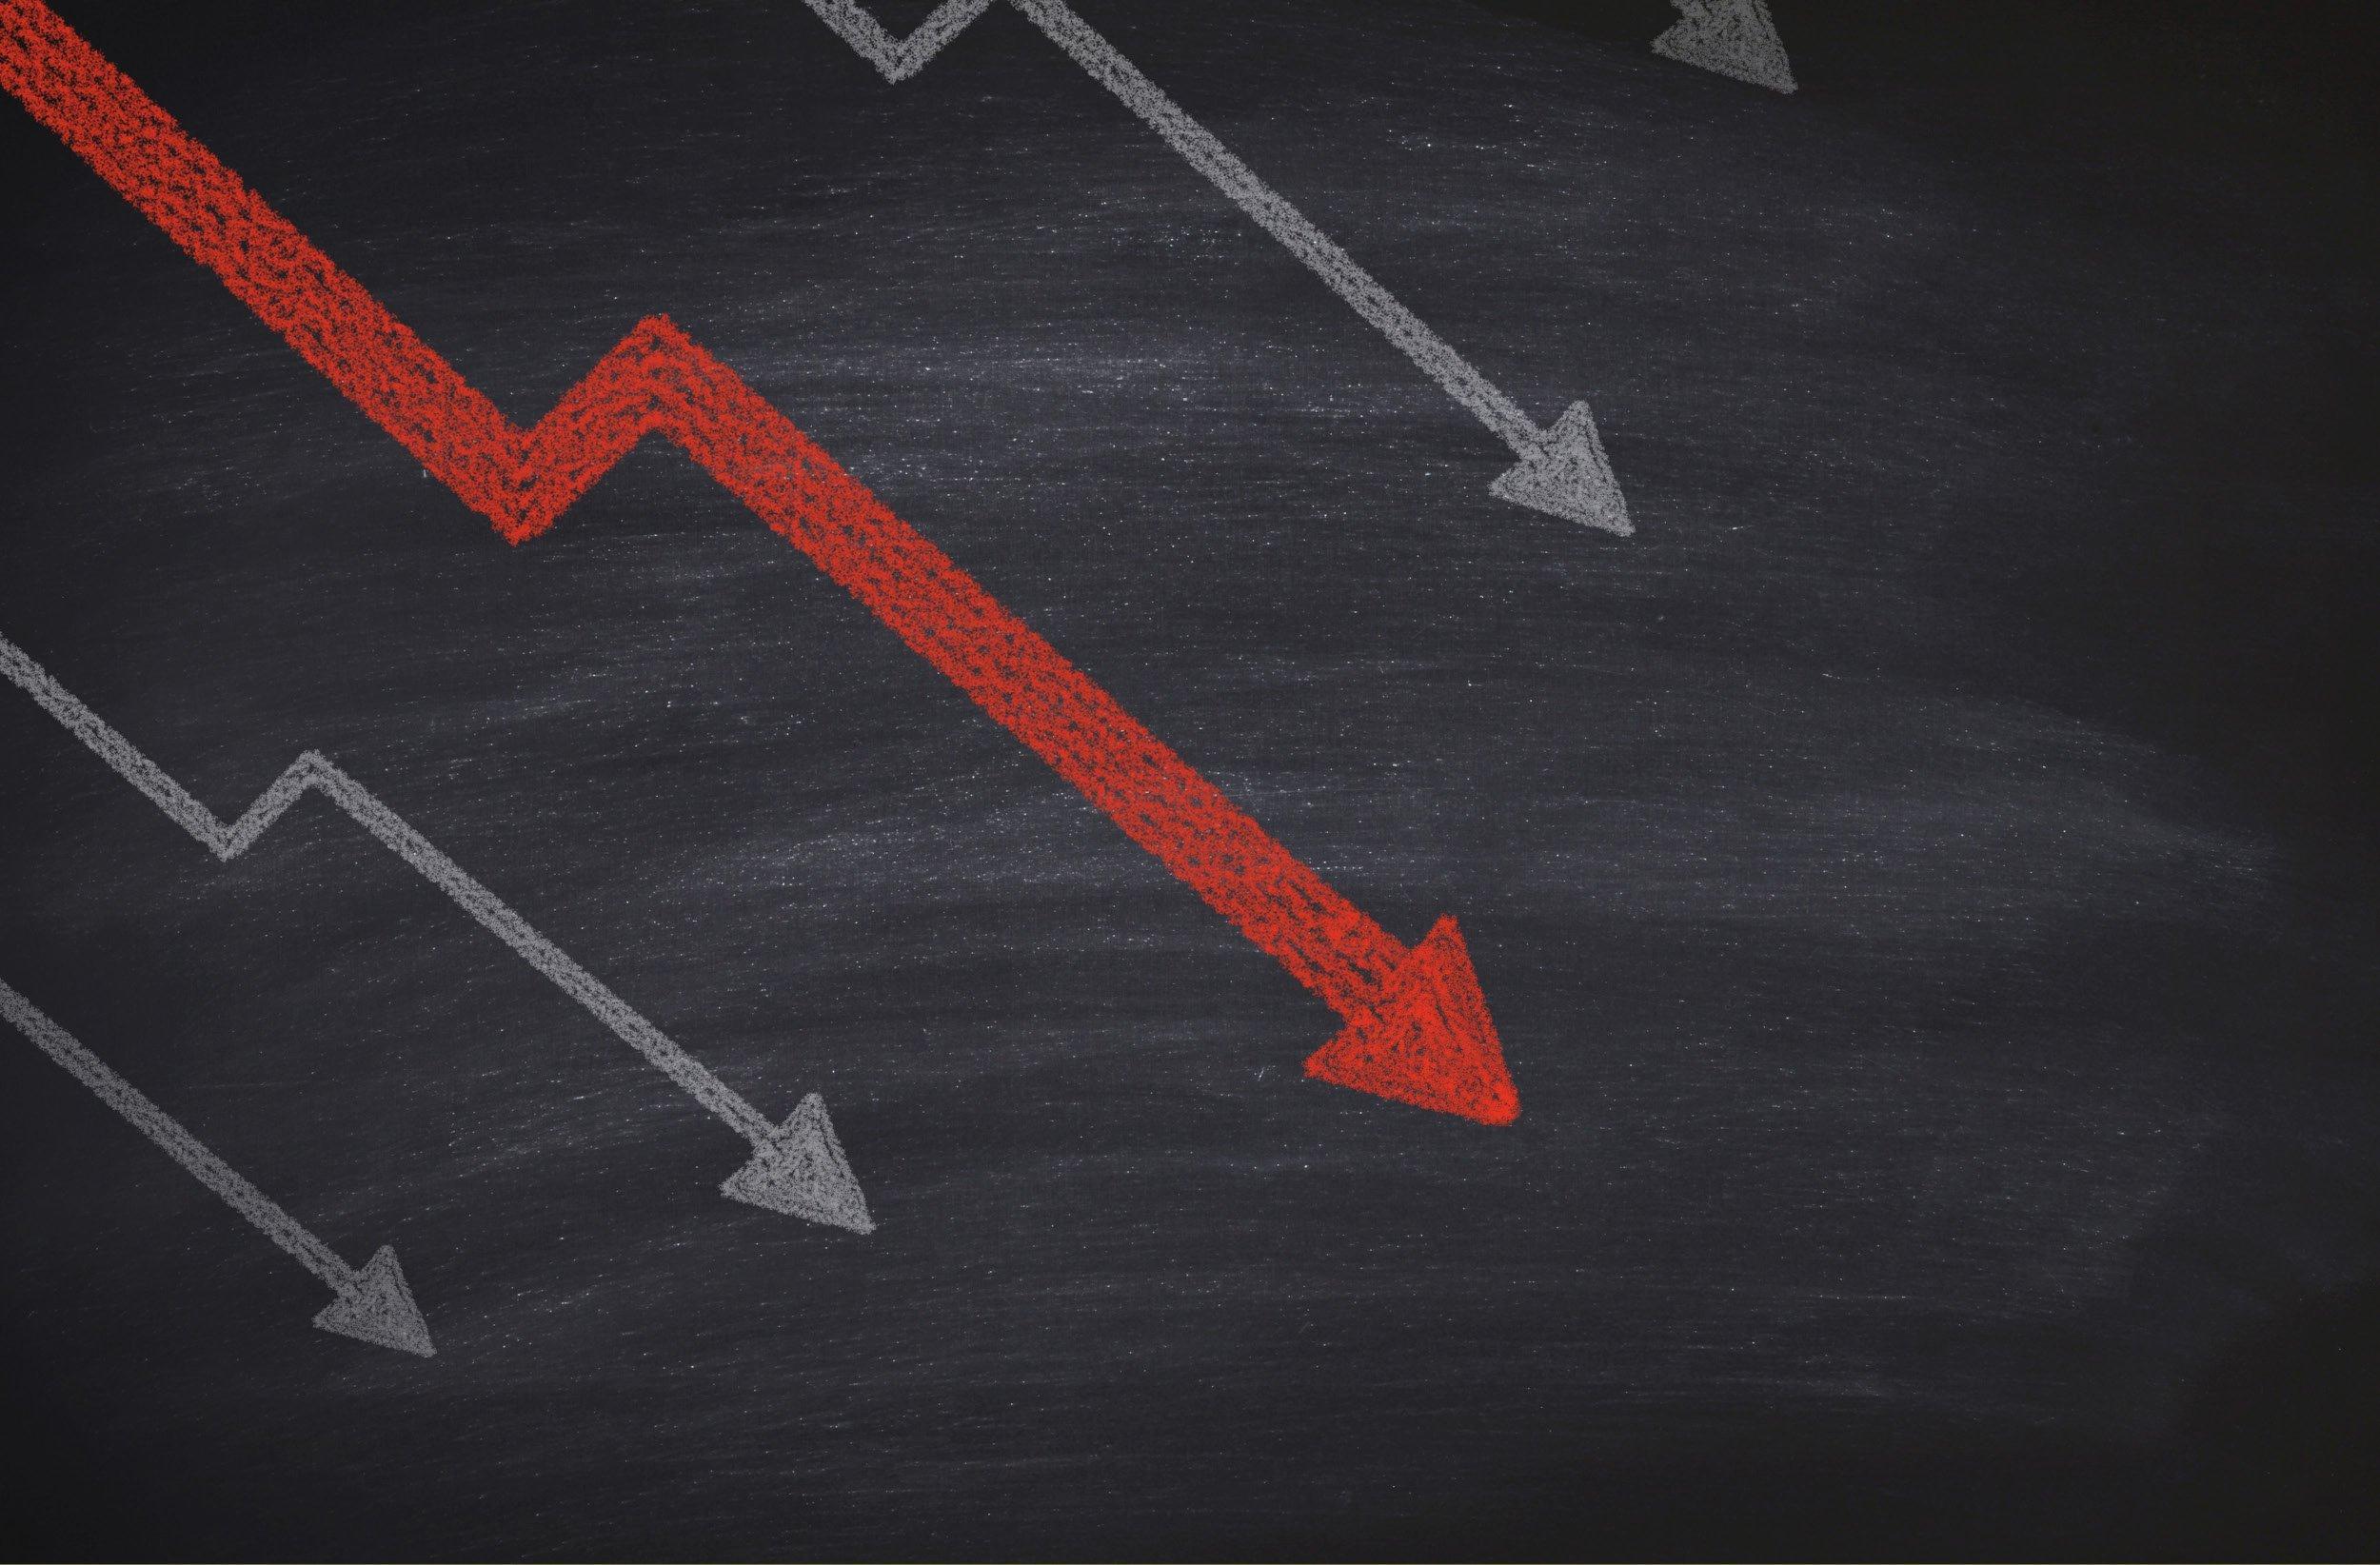 -25%, c'est la baisse moyenne du chiffre d'affaires suite aux actions des 'gilets jaunes'